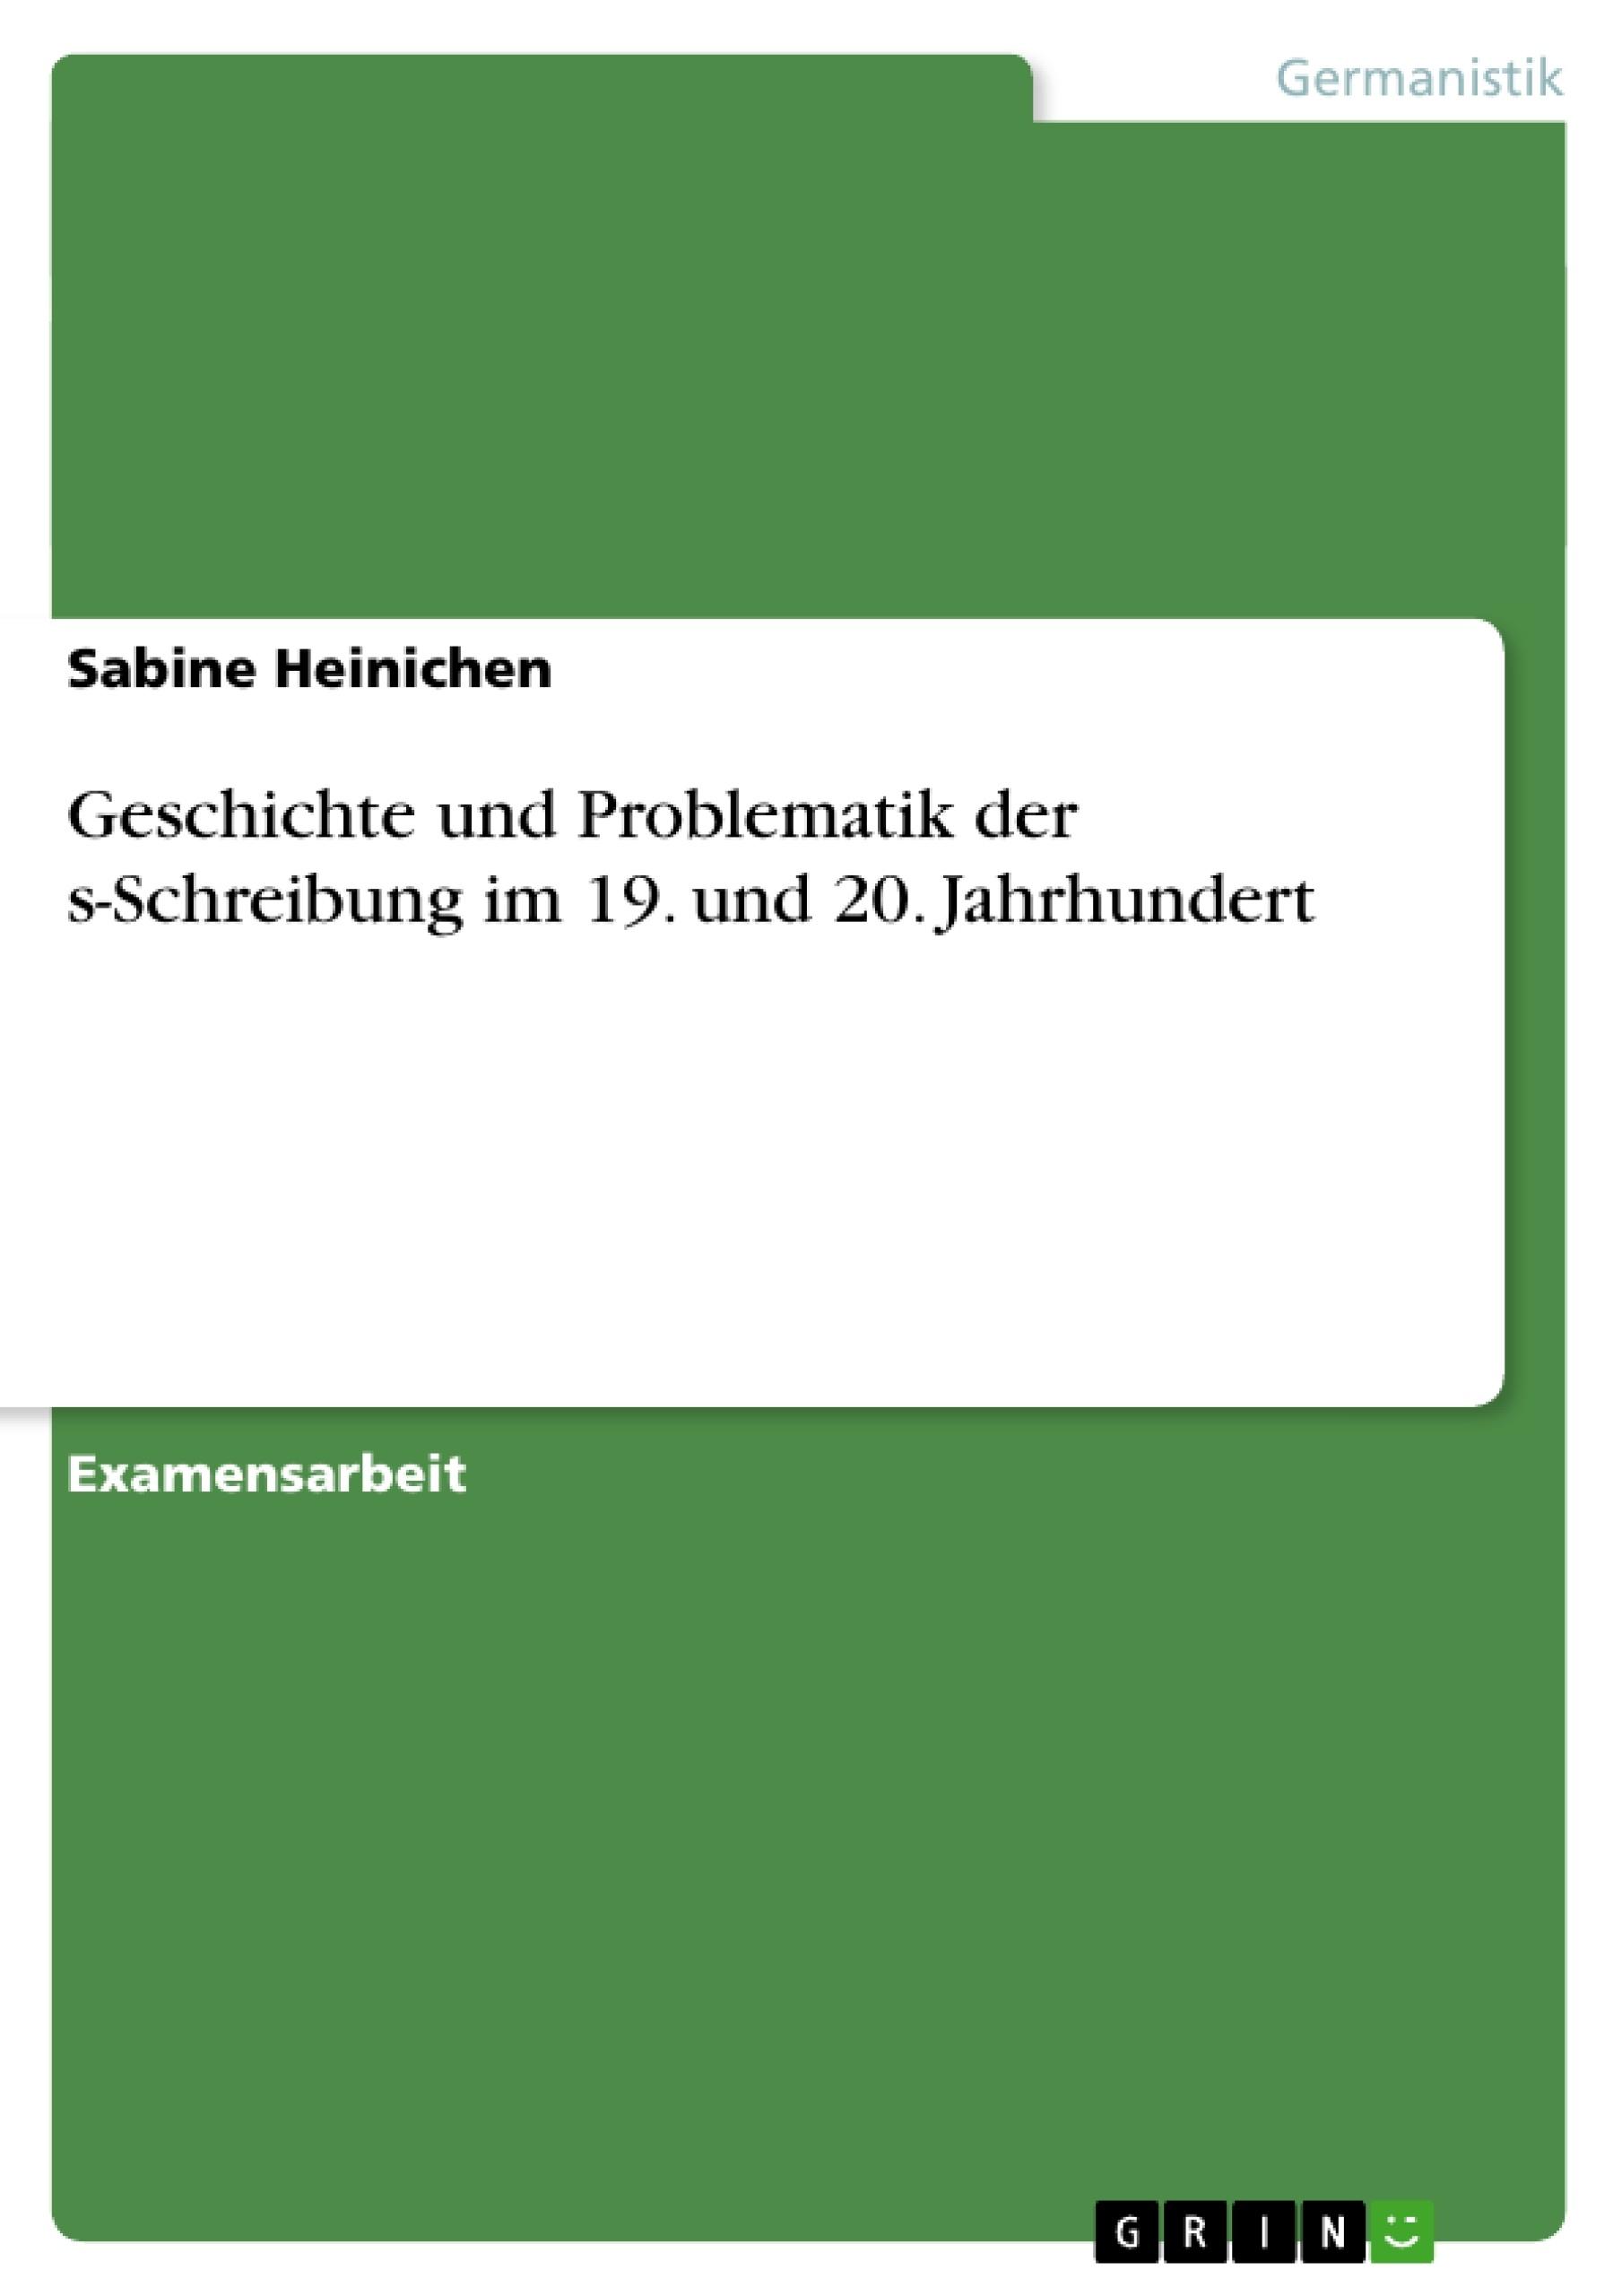 Titel: Geschichte und Problematik der s-Schreibung im 19. und 20. Jahrhundert